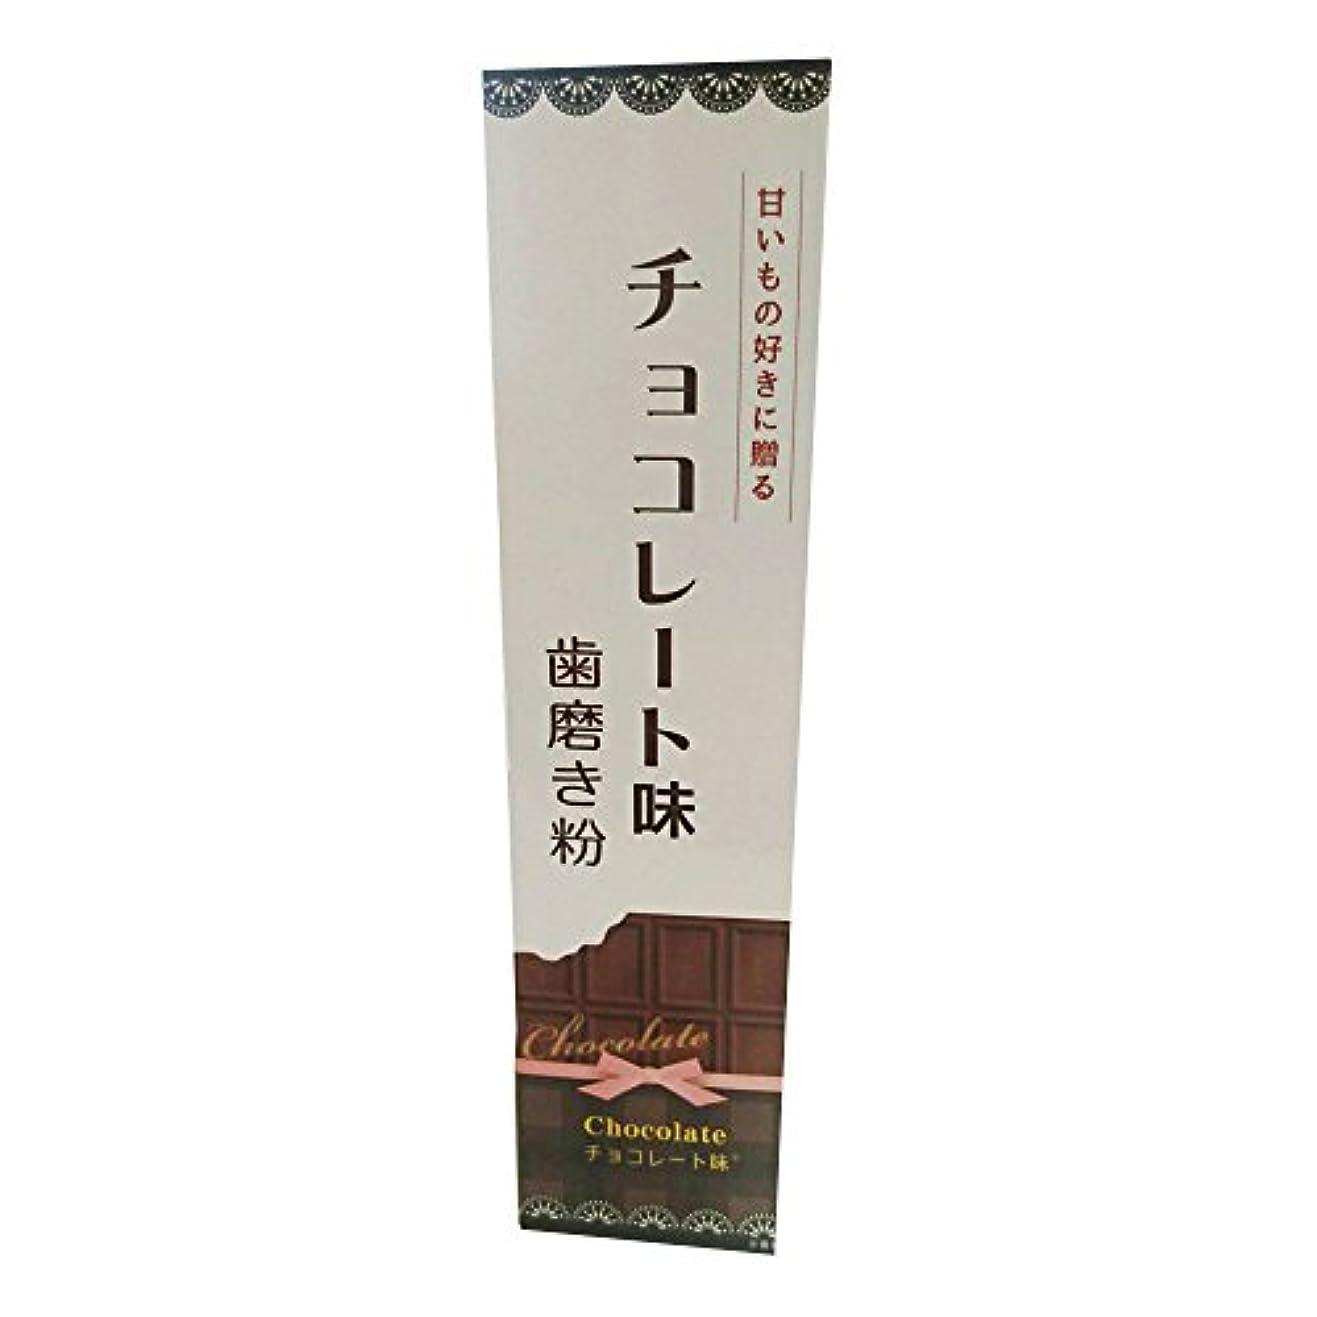 愛撫リルくつろぐフレーバー歯磨き粉チョコレート味 70g